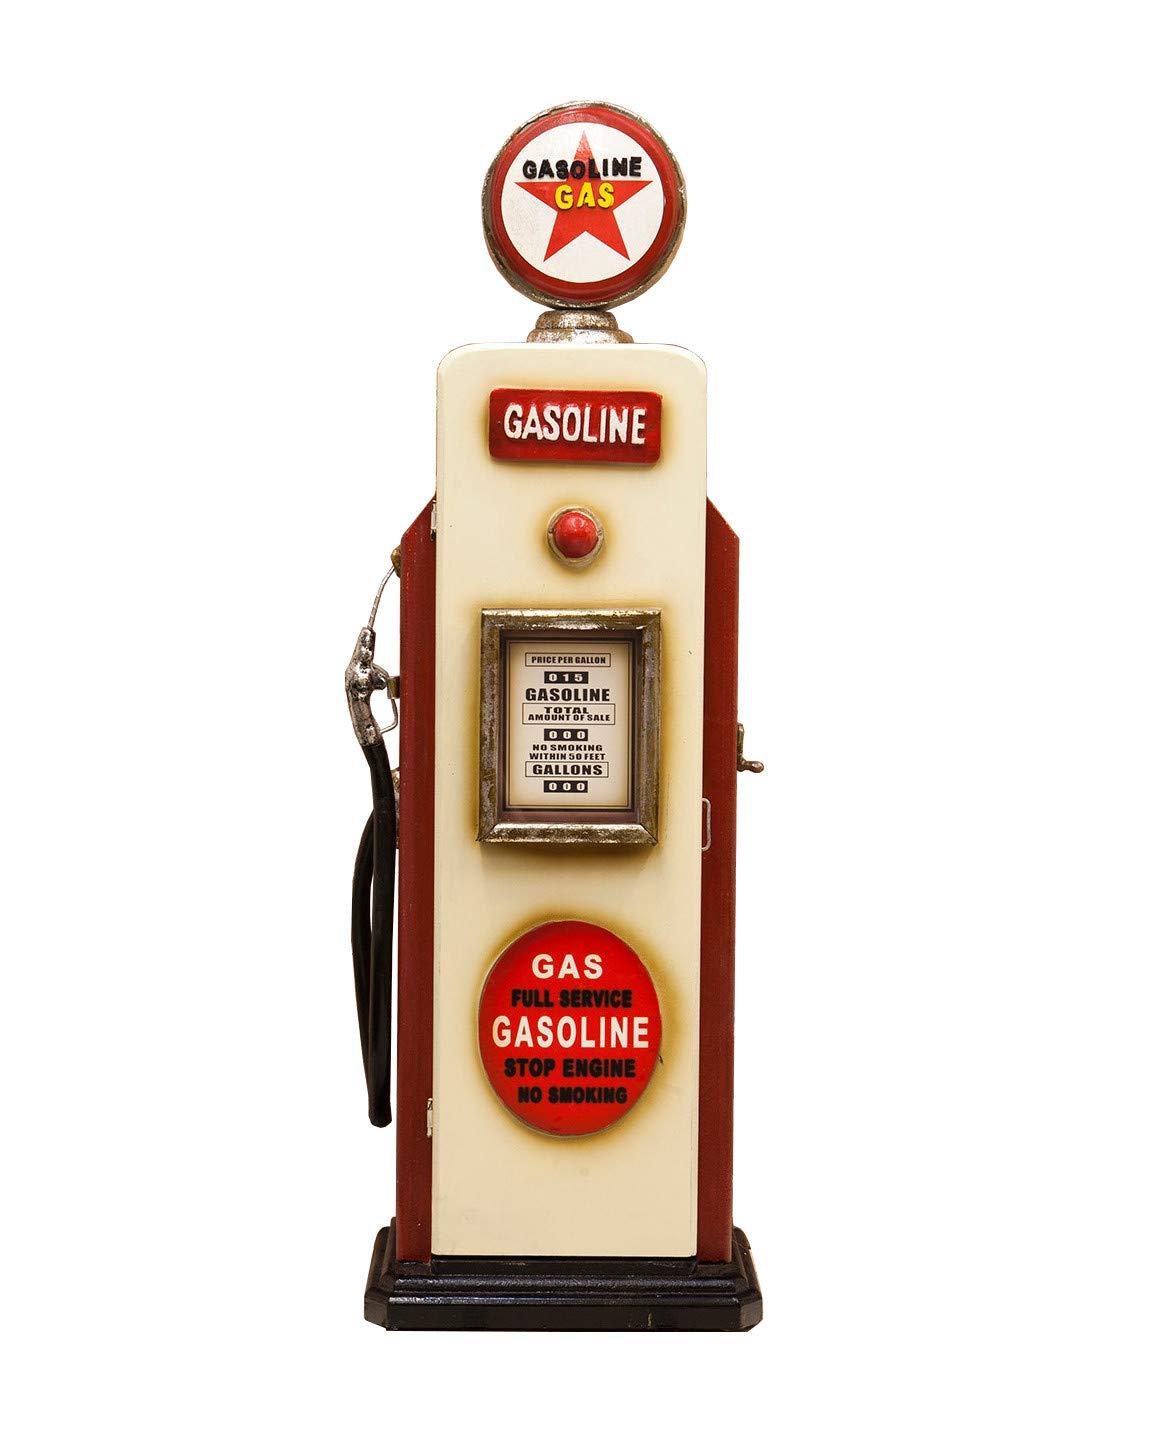 秋月貿易 CDDVDラック GASOLINE W24×D19.5×H84cm ガスポンプ CDホルダー 205MS1624 B00CJ3PFVK GASOLINE